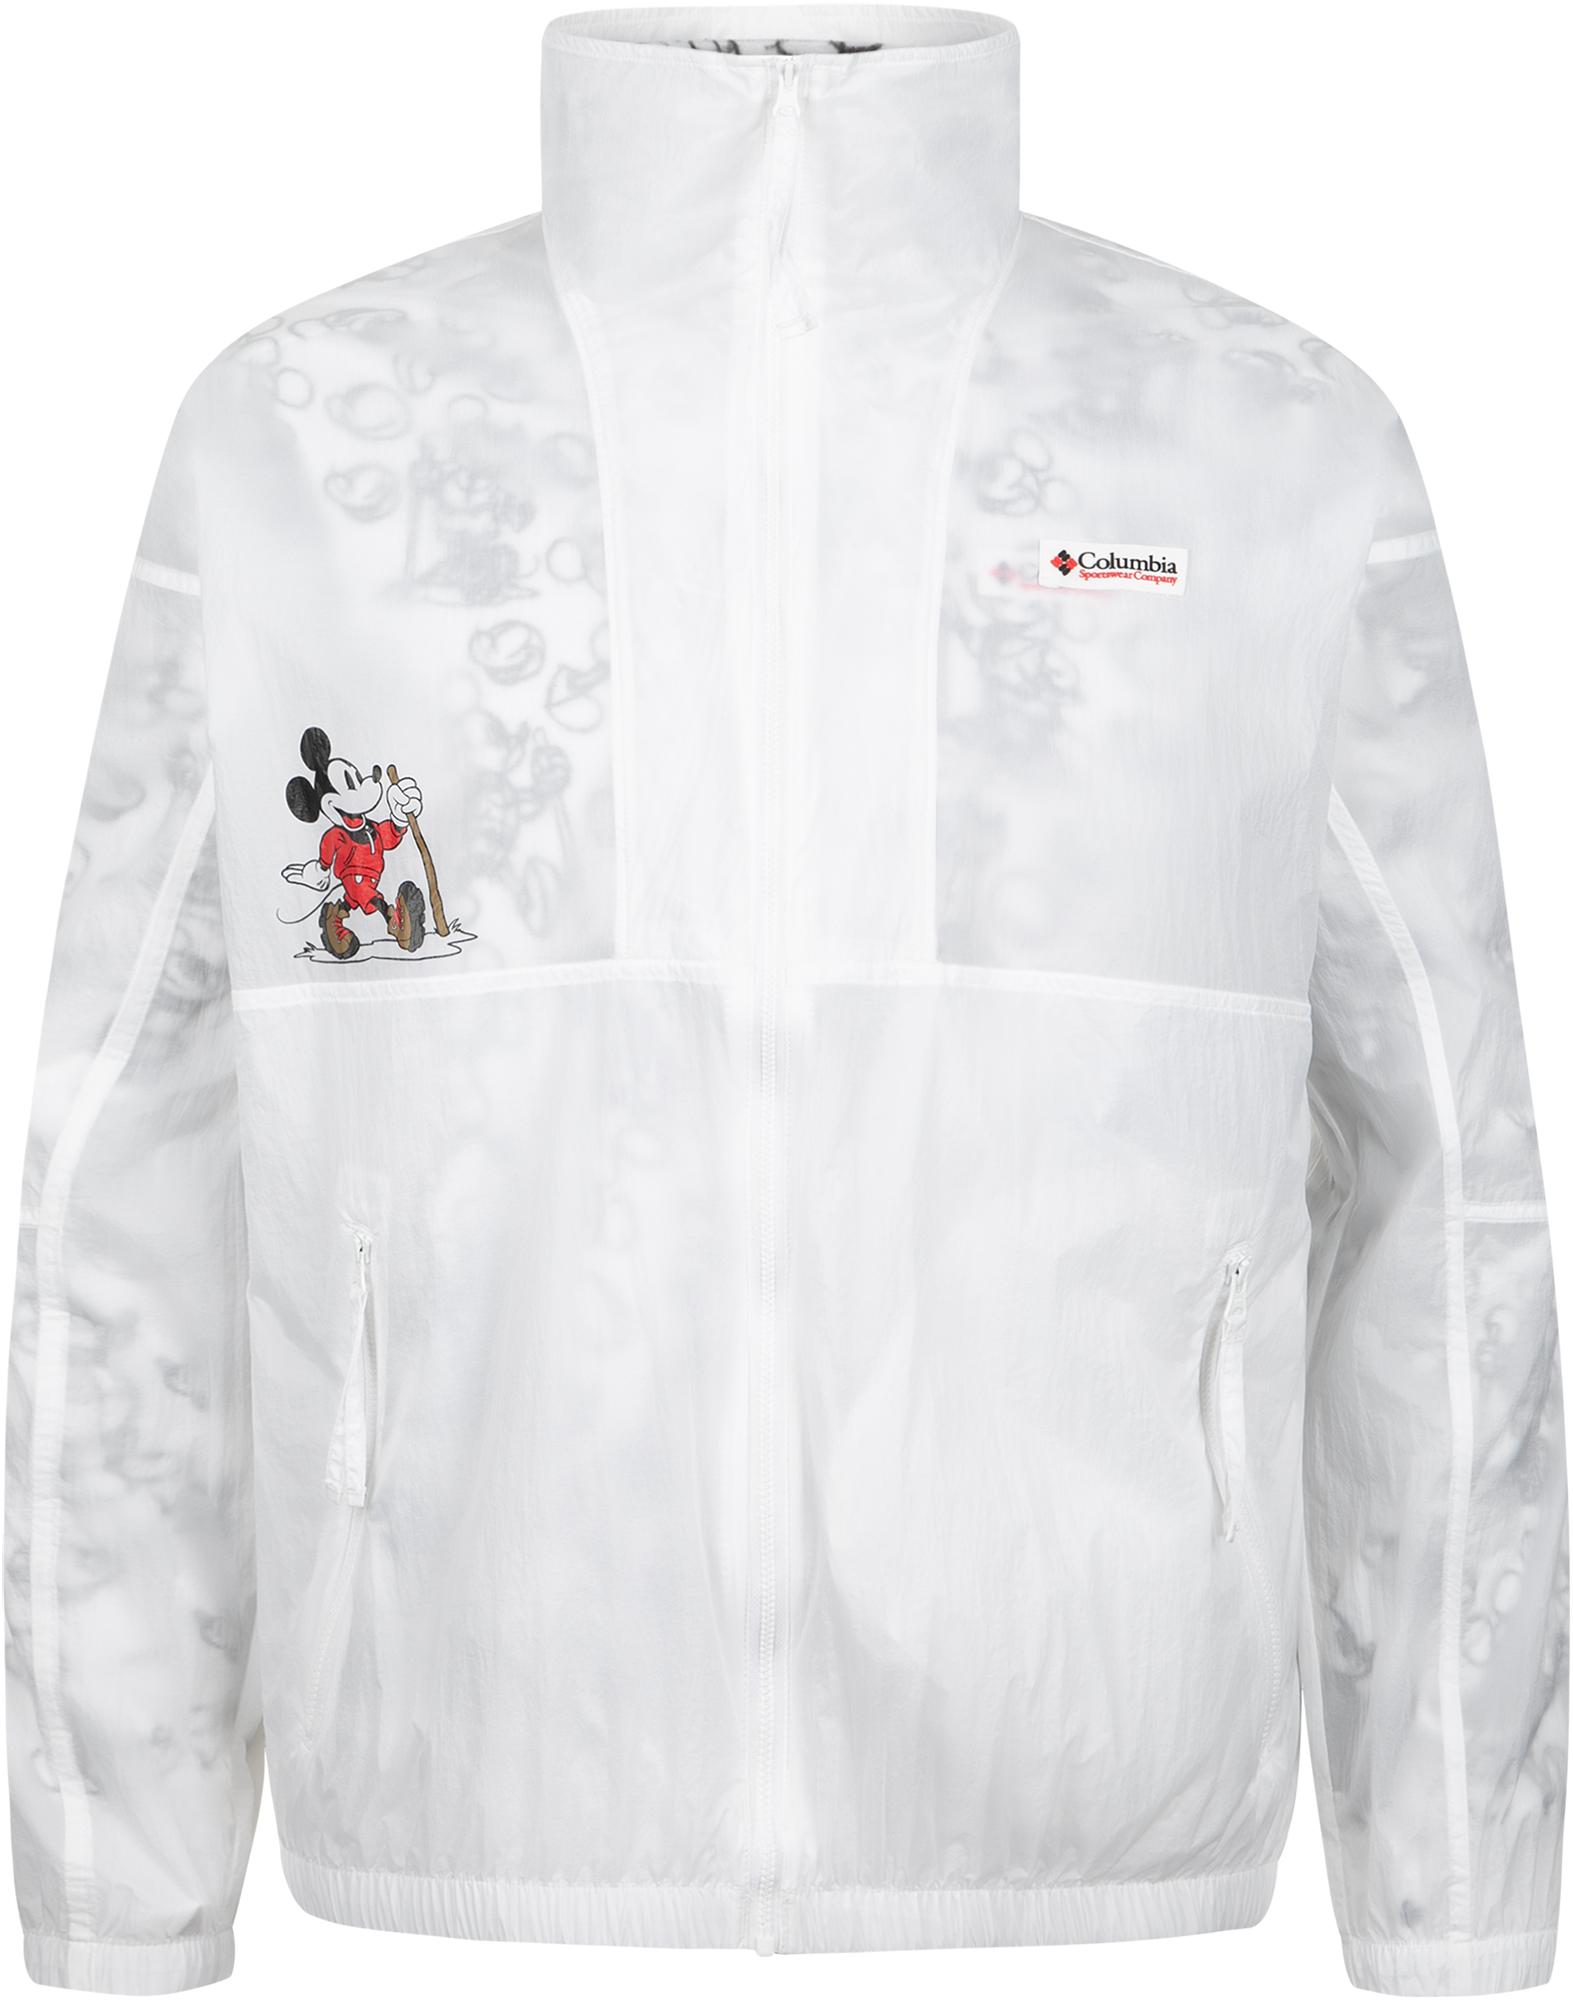 Columbia Куртка 3 в 1 Columbia Disney - Intertrainer Interchange, размер 48-50 columbia куртка columbia falmouth™ размер 48 50